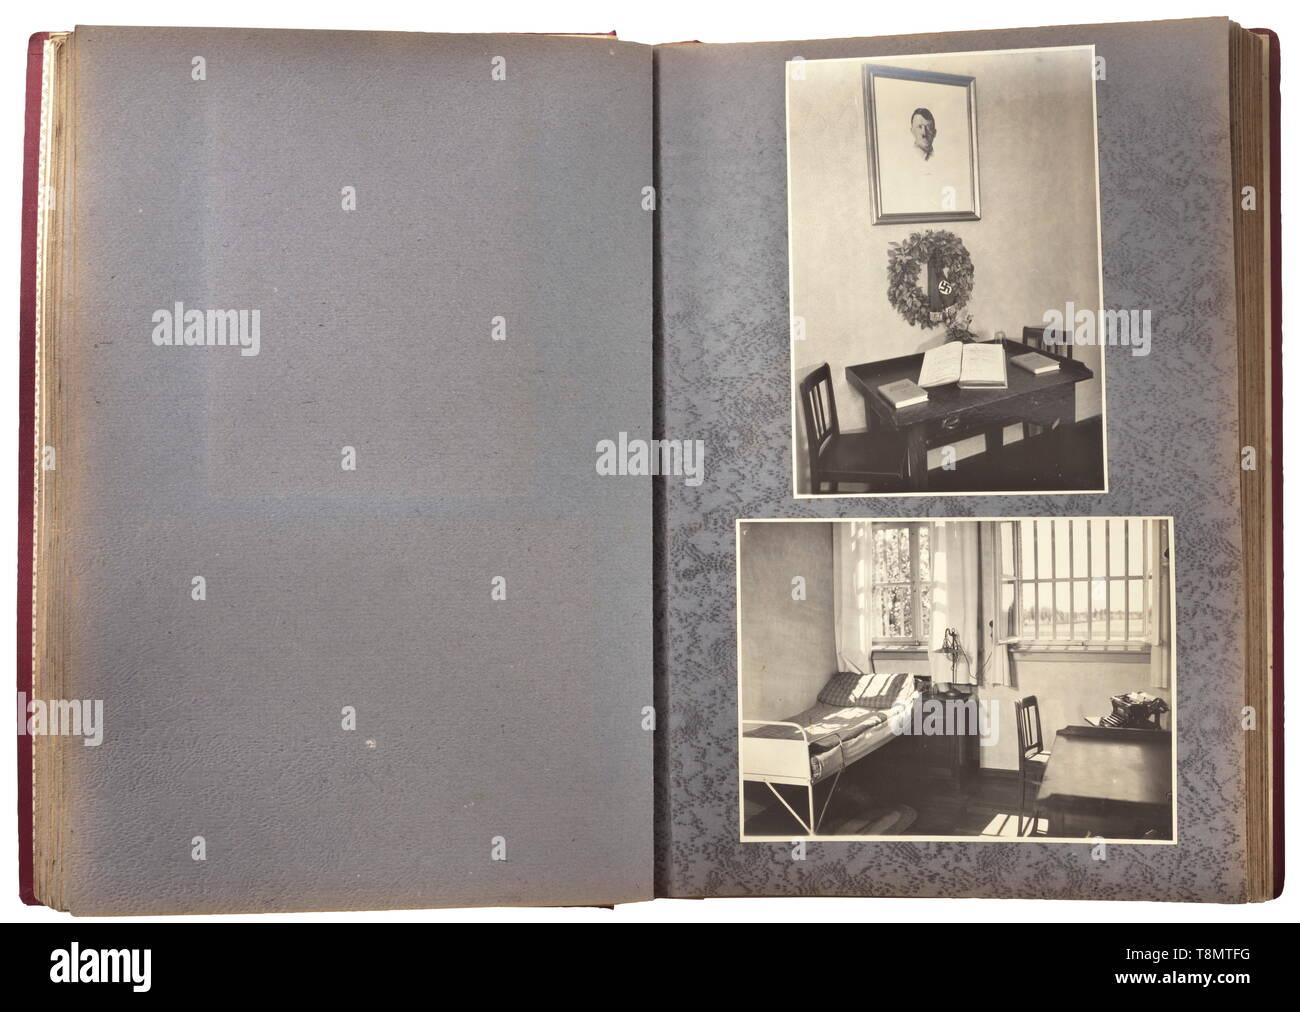 """Ein Album mit dem Titel """"Zur Erinnerung ein das 25-jährige Bestehen der Gefangenenanstalt und Festungshaftanstalt Landsberg a. L. 1909 - 1934"""" (Tr. Zum 25-jährigen Jubiläum von Landsberg Festung, Gefängnis und Detention Center 1909 - Gedenken 1934) ein großformatiges Album (Abmessungen 25,5 x 35 x 3,5 cm) mit Gold geprägtem Schriftzug und die Crimson, mit 91 Fotografien meist Messen 12,5 x 17,5 cm. Blick auf Landsberg, Antenne und Außenansichten der Gefängnis, Oberregierungsrat Leybold, der Vorstand, die korrekturoffiziere, der Gemüsegarten, vier Bilder von, Editorial-Use - Nur Stockbild"""